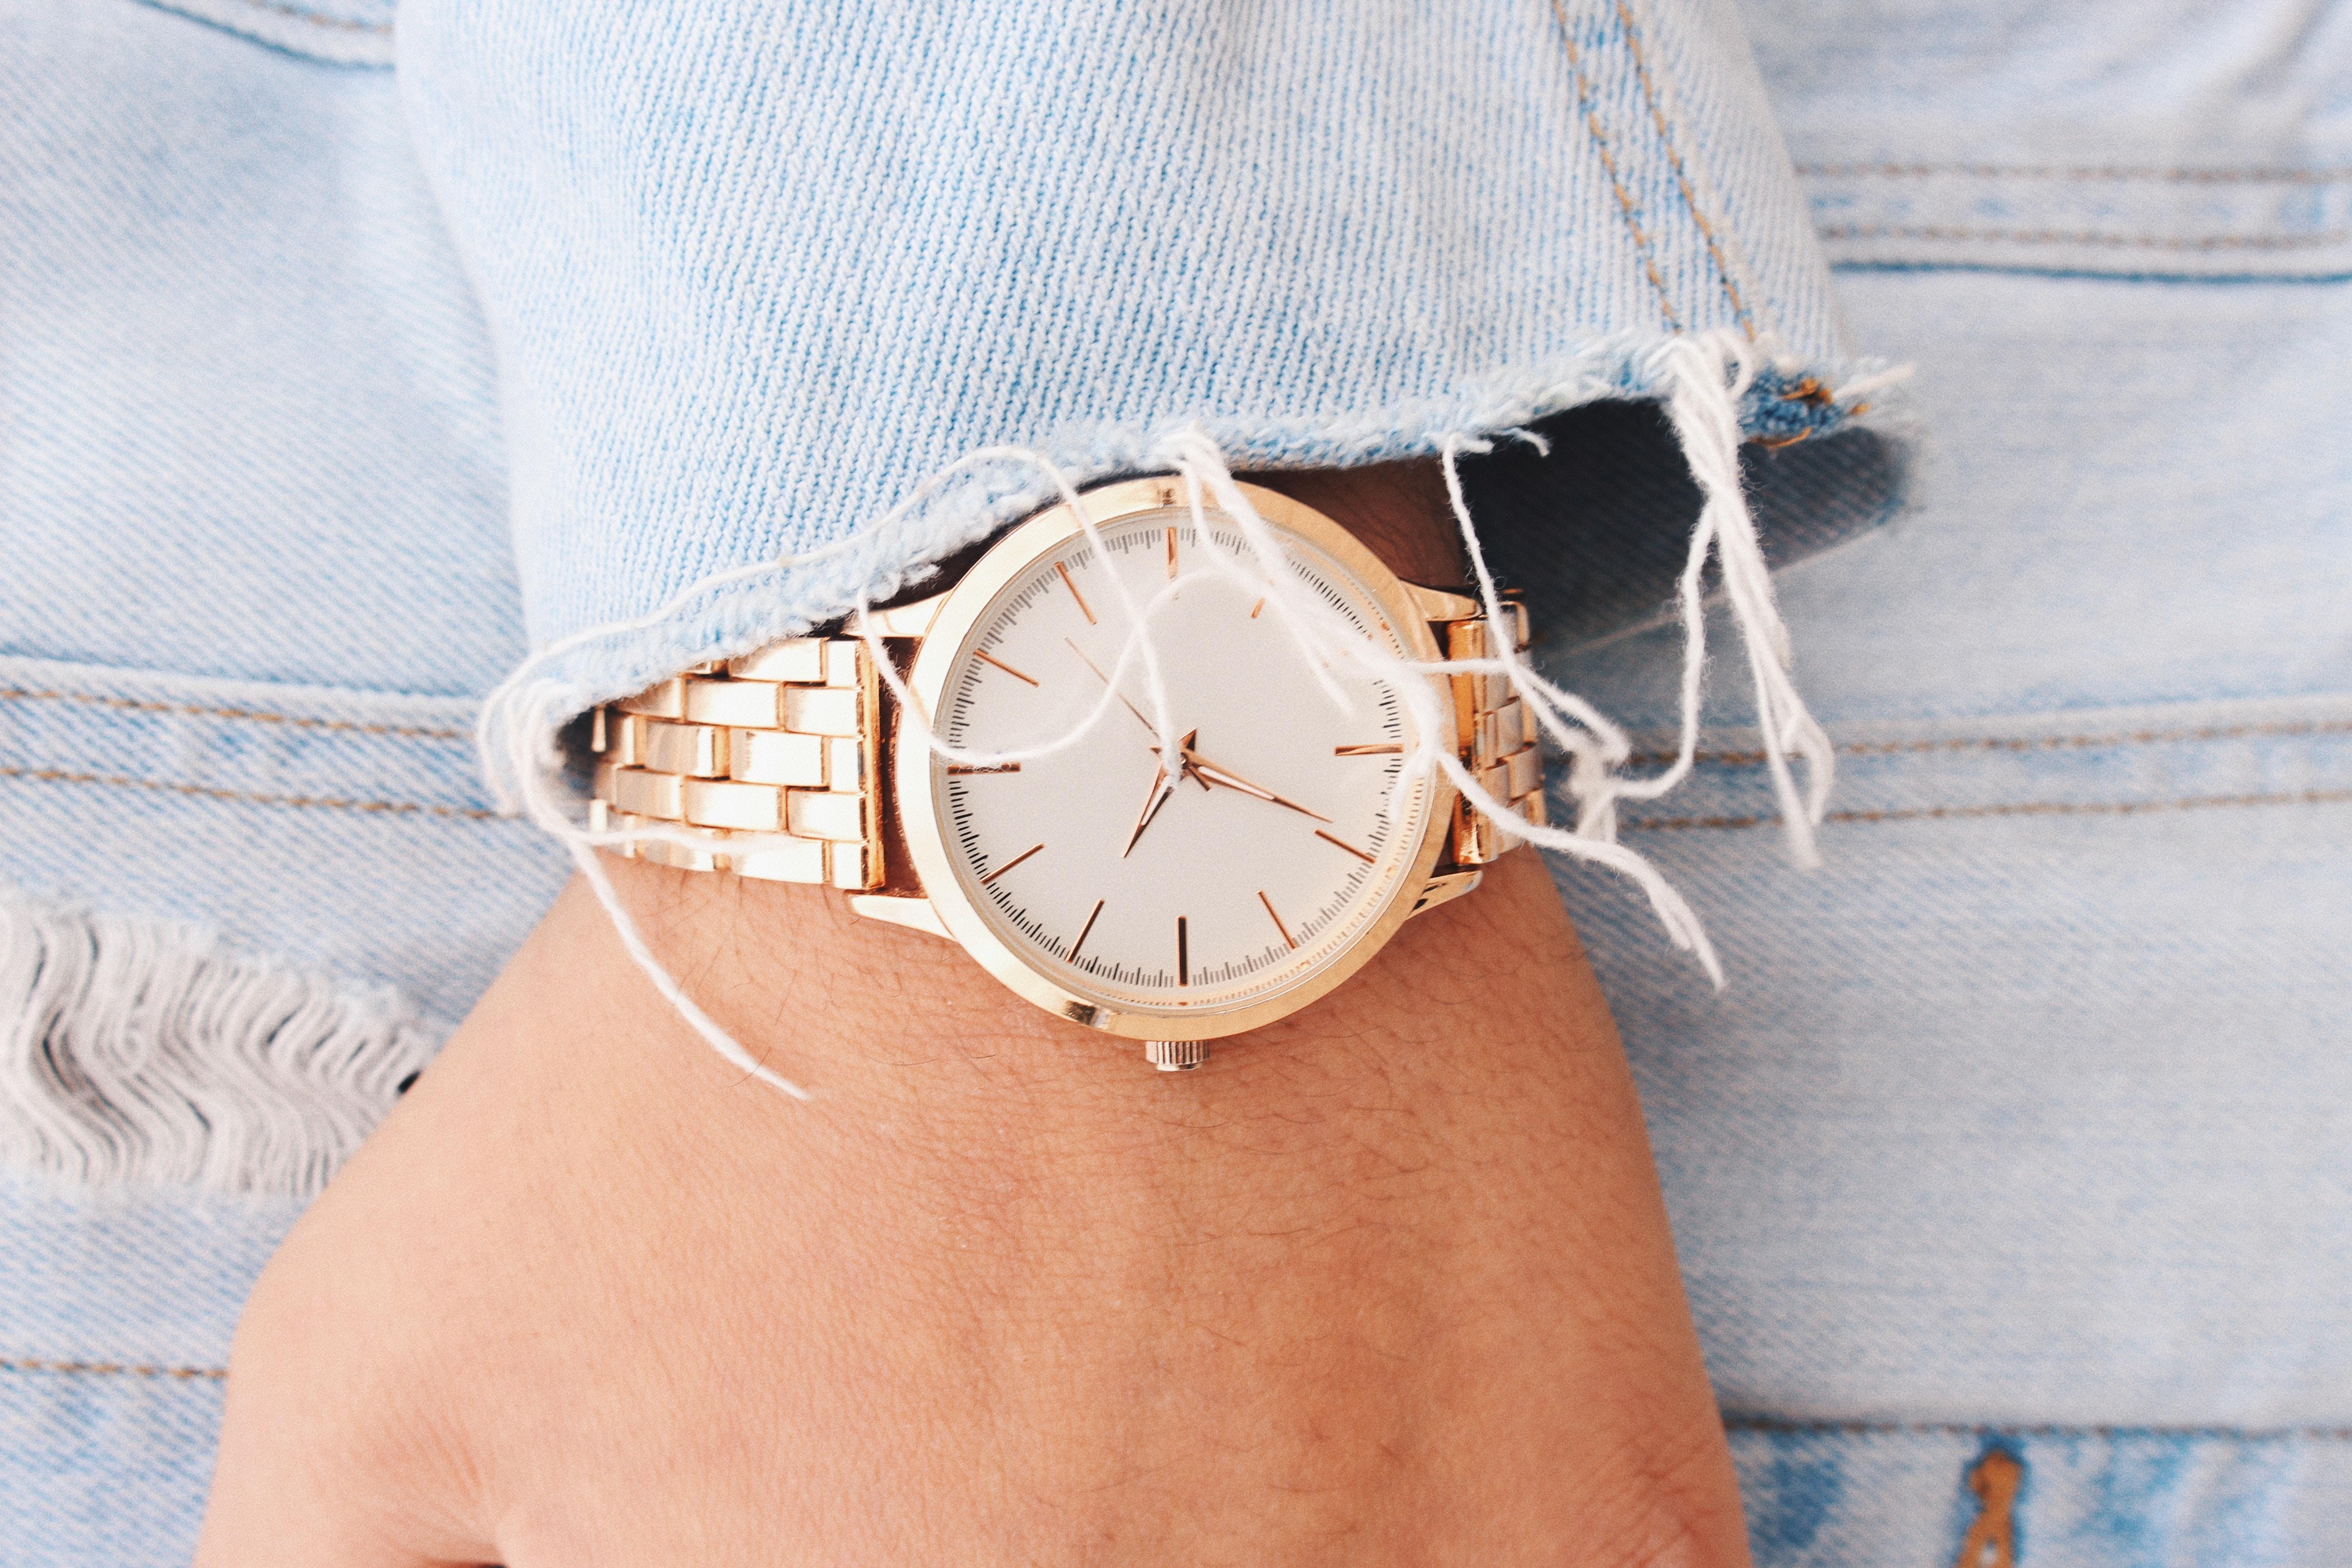 Jakie zegarki damskie są modne?